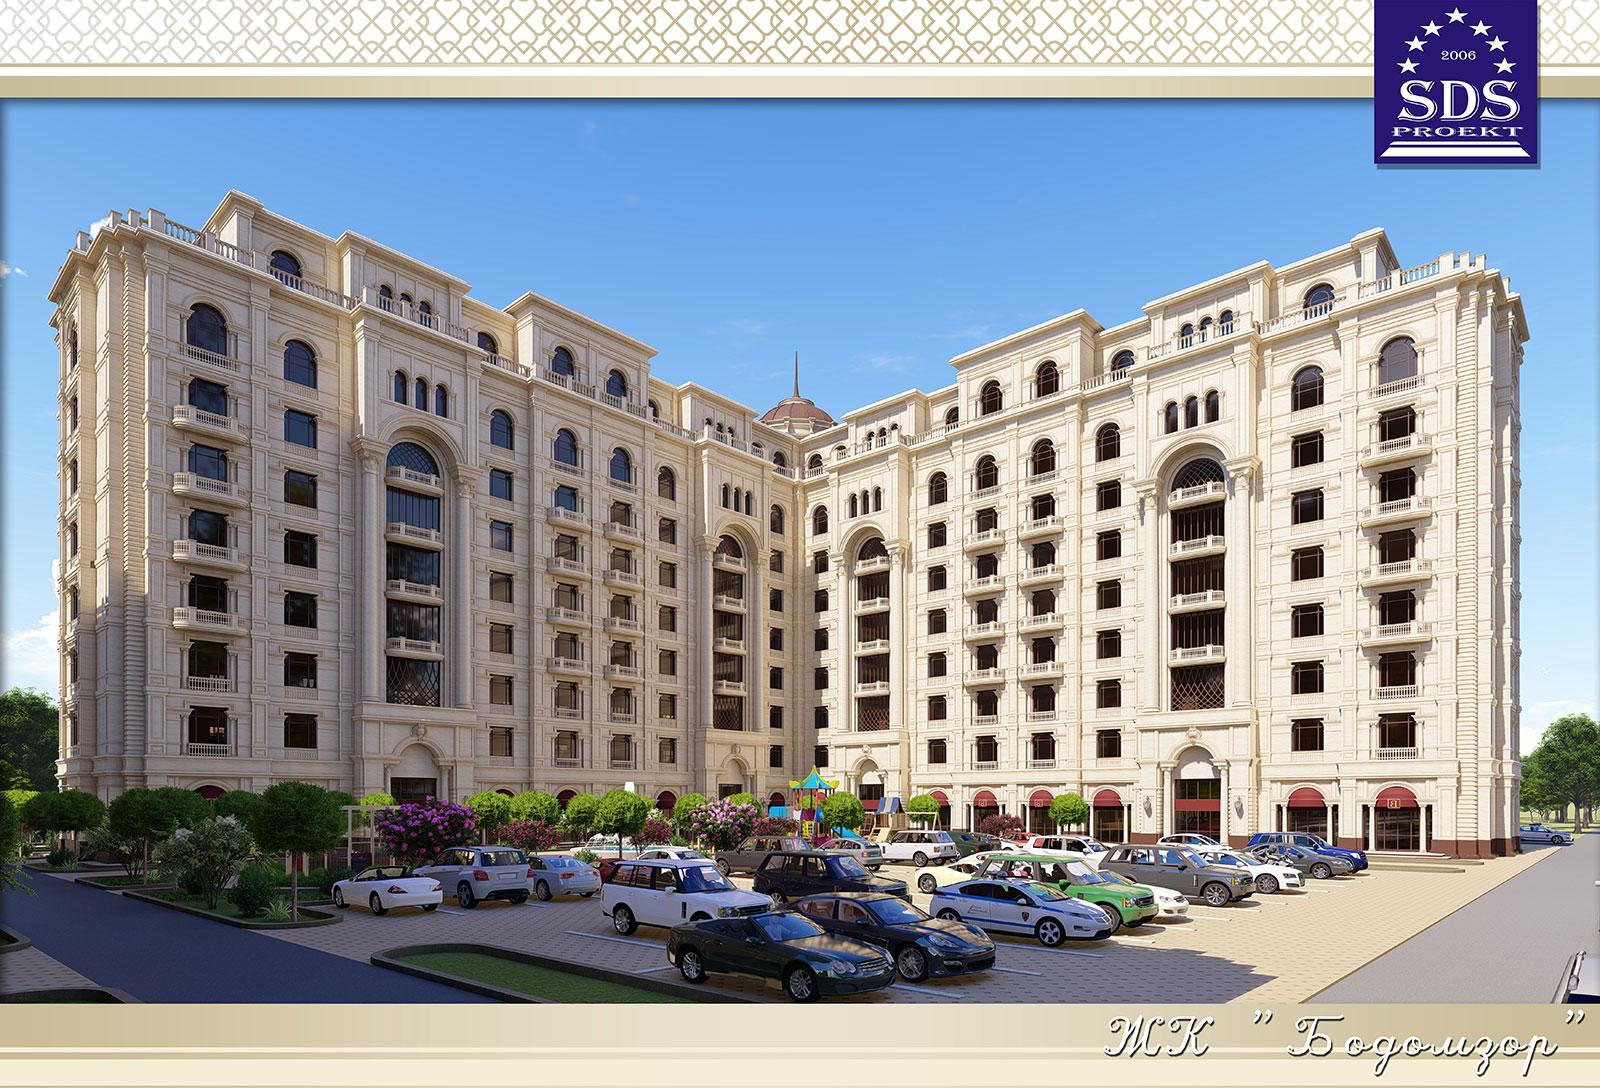 Эскизное предложение 9-этажного жилого комплекса БОДОМЗОР